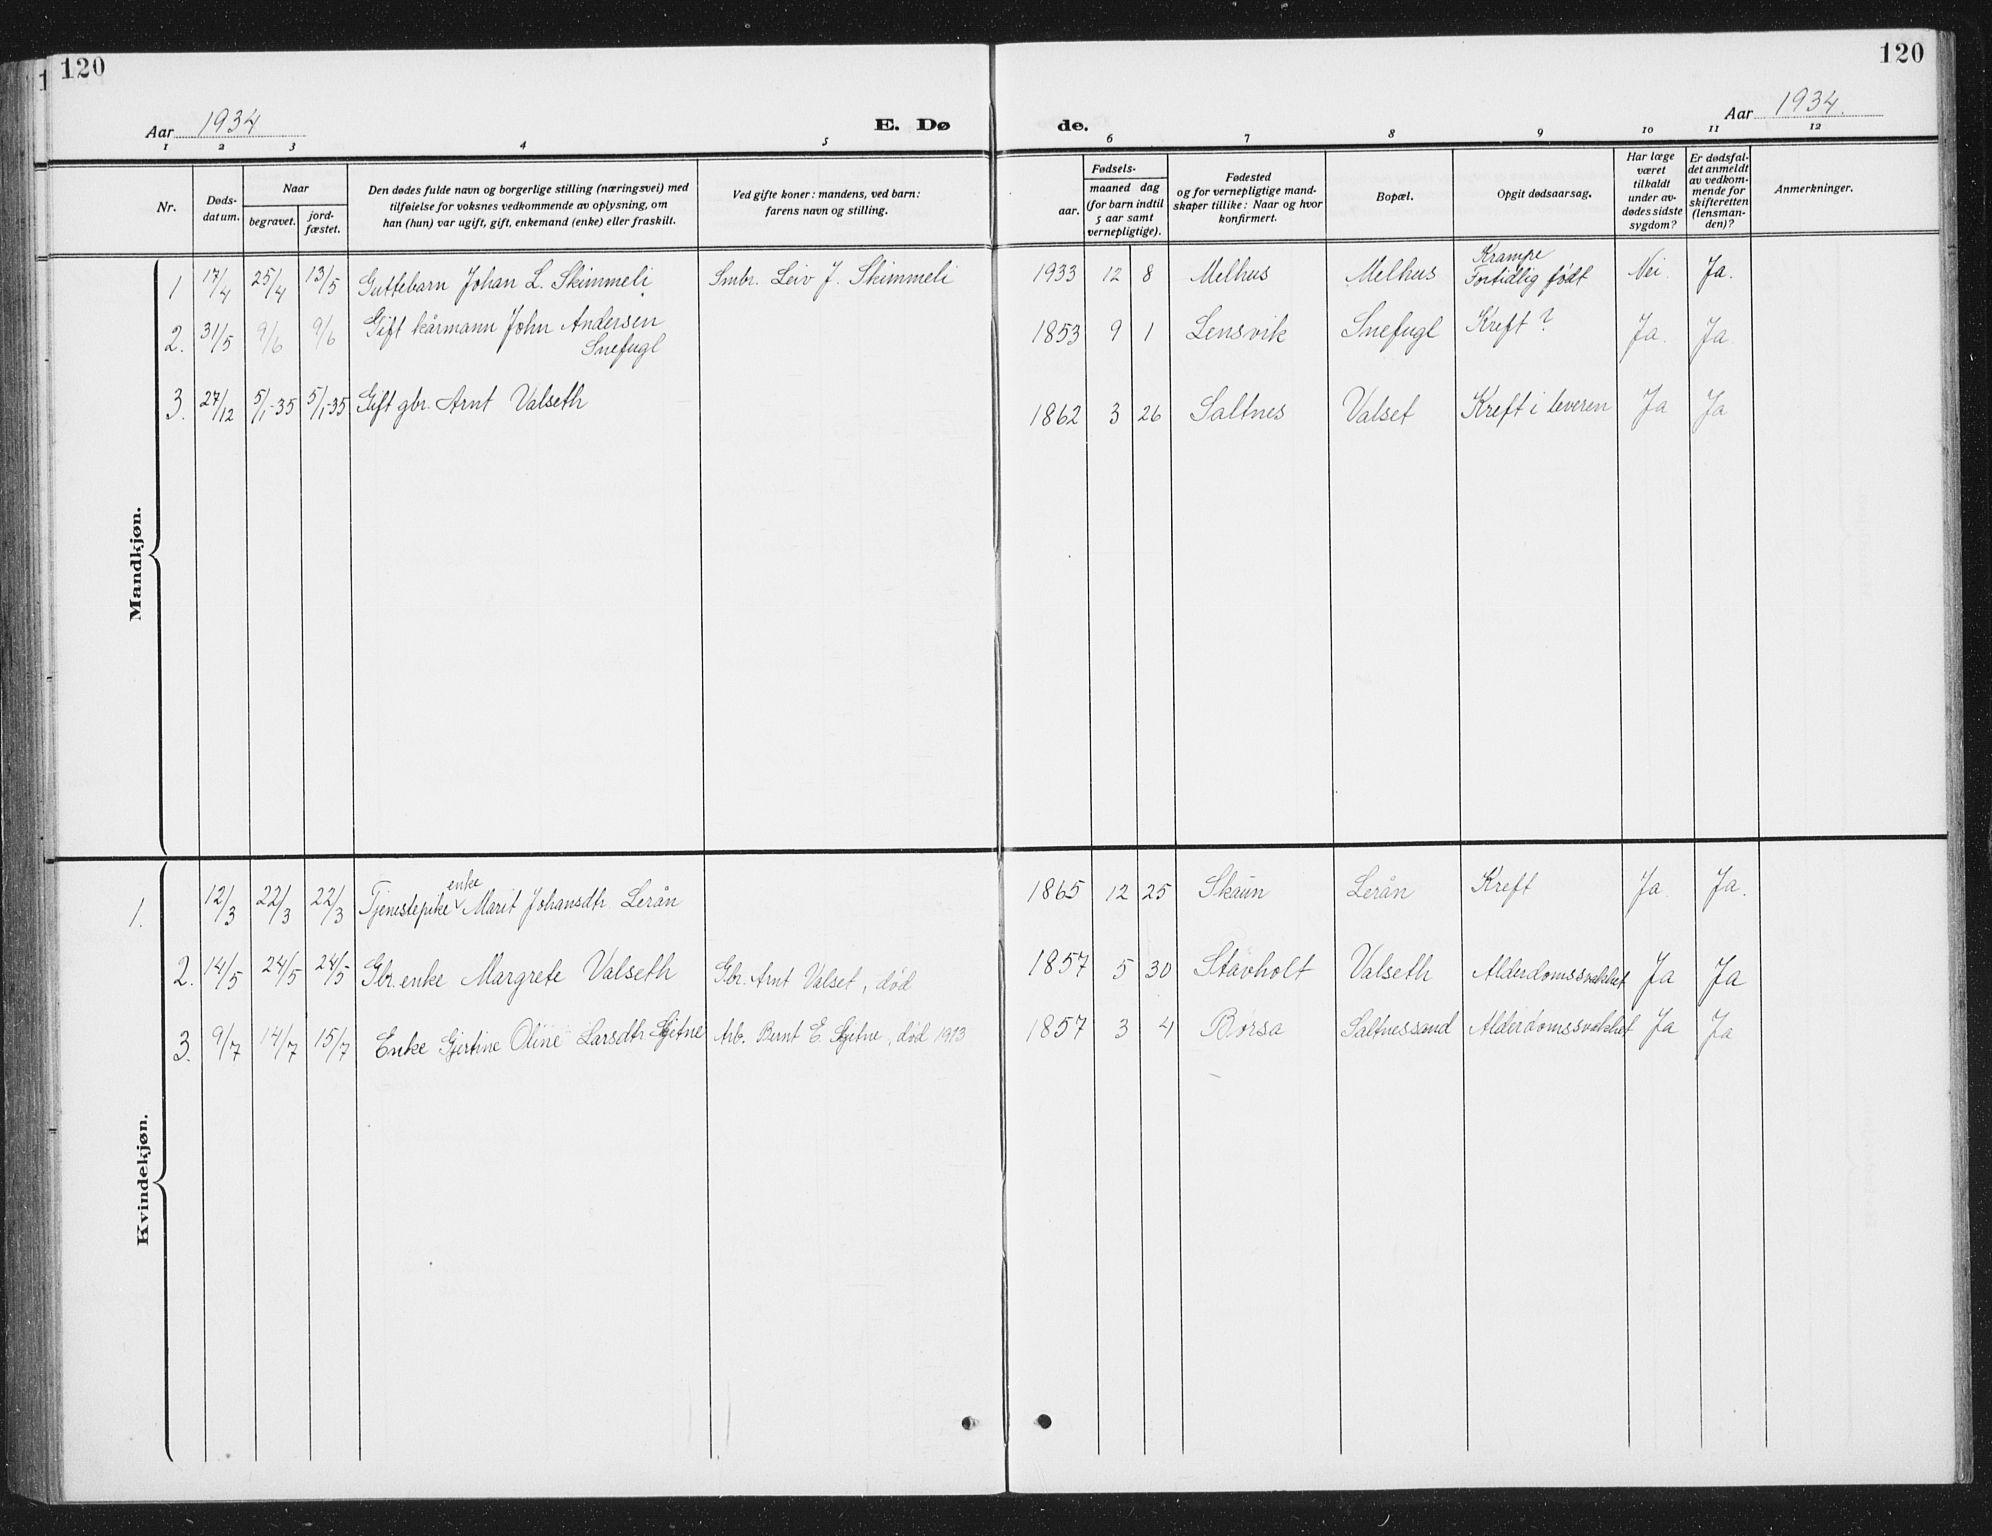 SAT, Ministerialprotokoller, klokkerbøker og fødselsregistre - Sør-Trøndelag, 666/L0791: Klokkerbok nr. 666C04, 1909-1939, s. 120